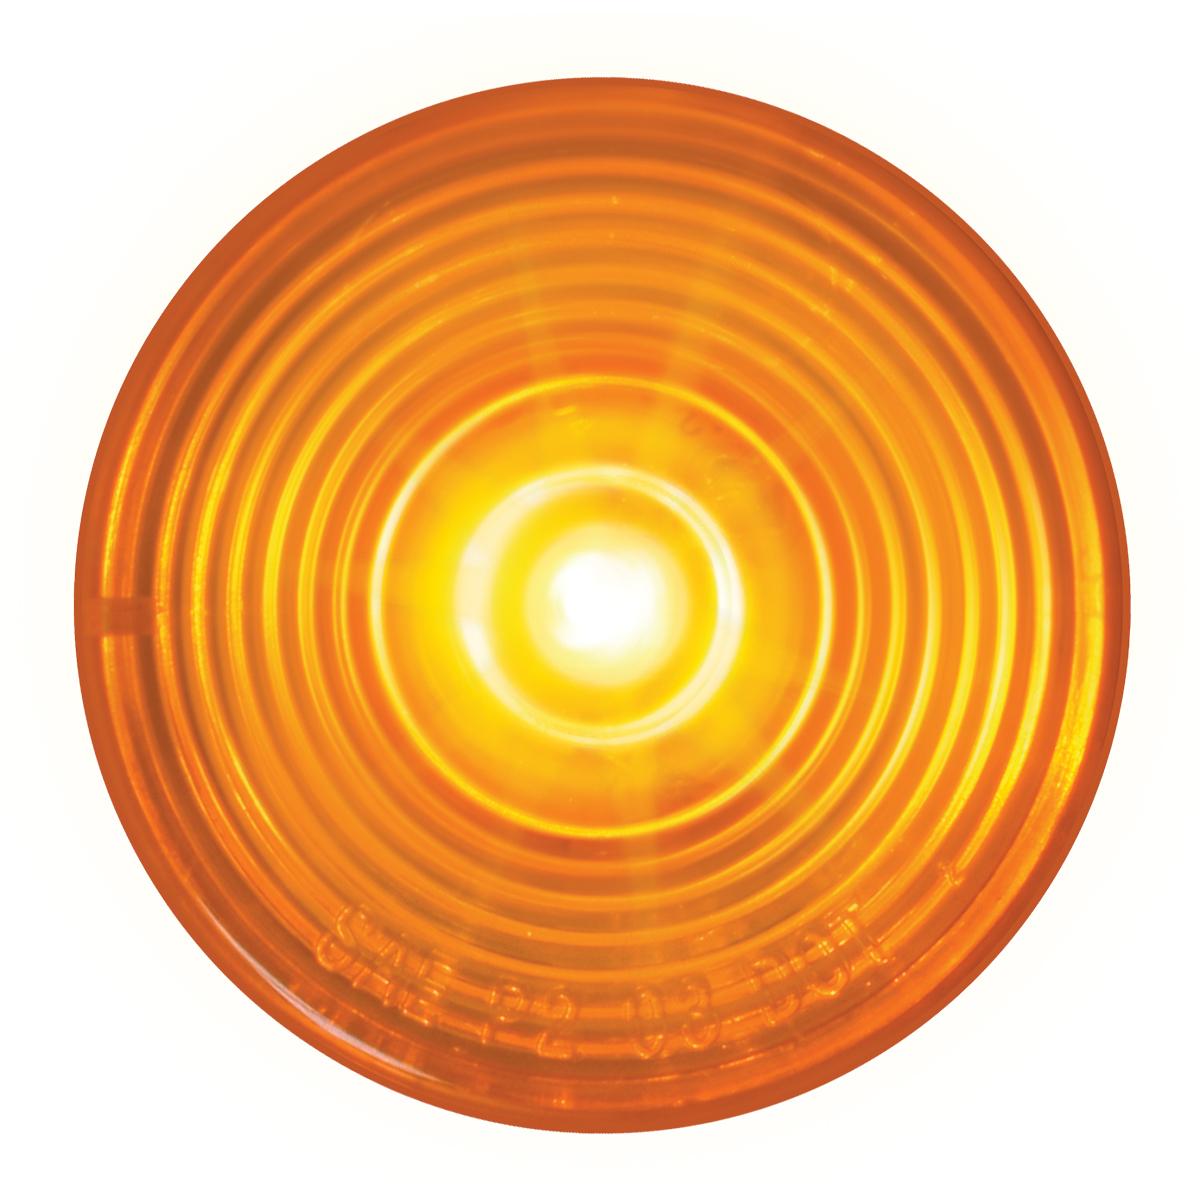 76430 Fleet LED Marker Light in Amber/Amber